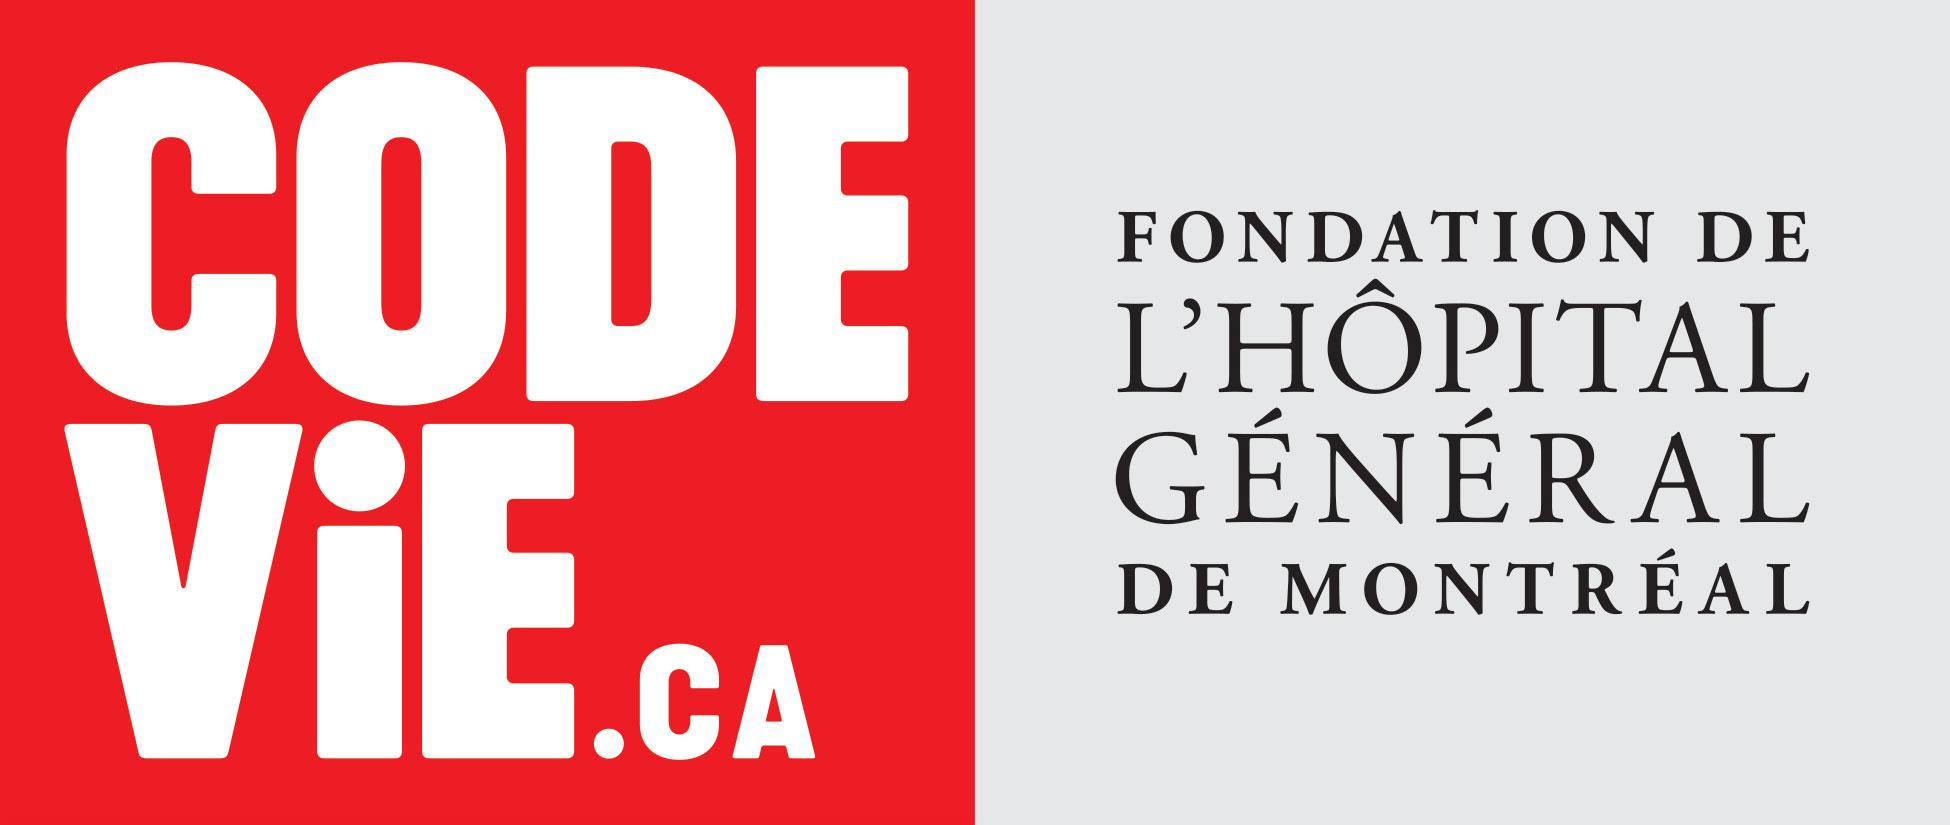 Code Vie / Fondation de l'Hôpital général de Montréal